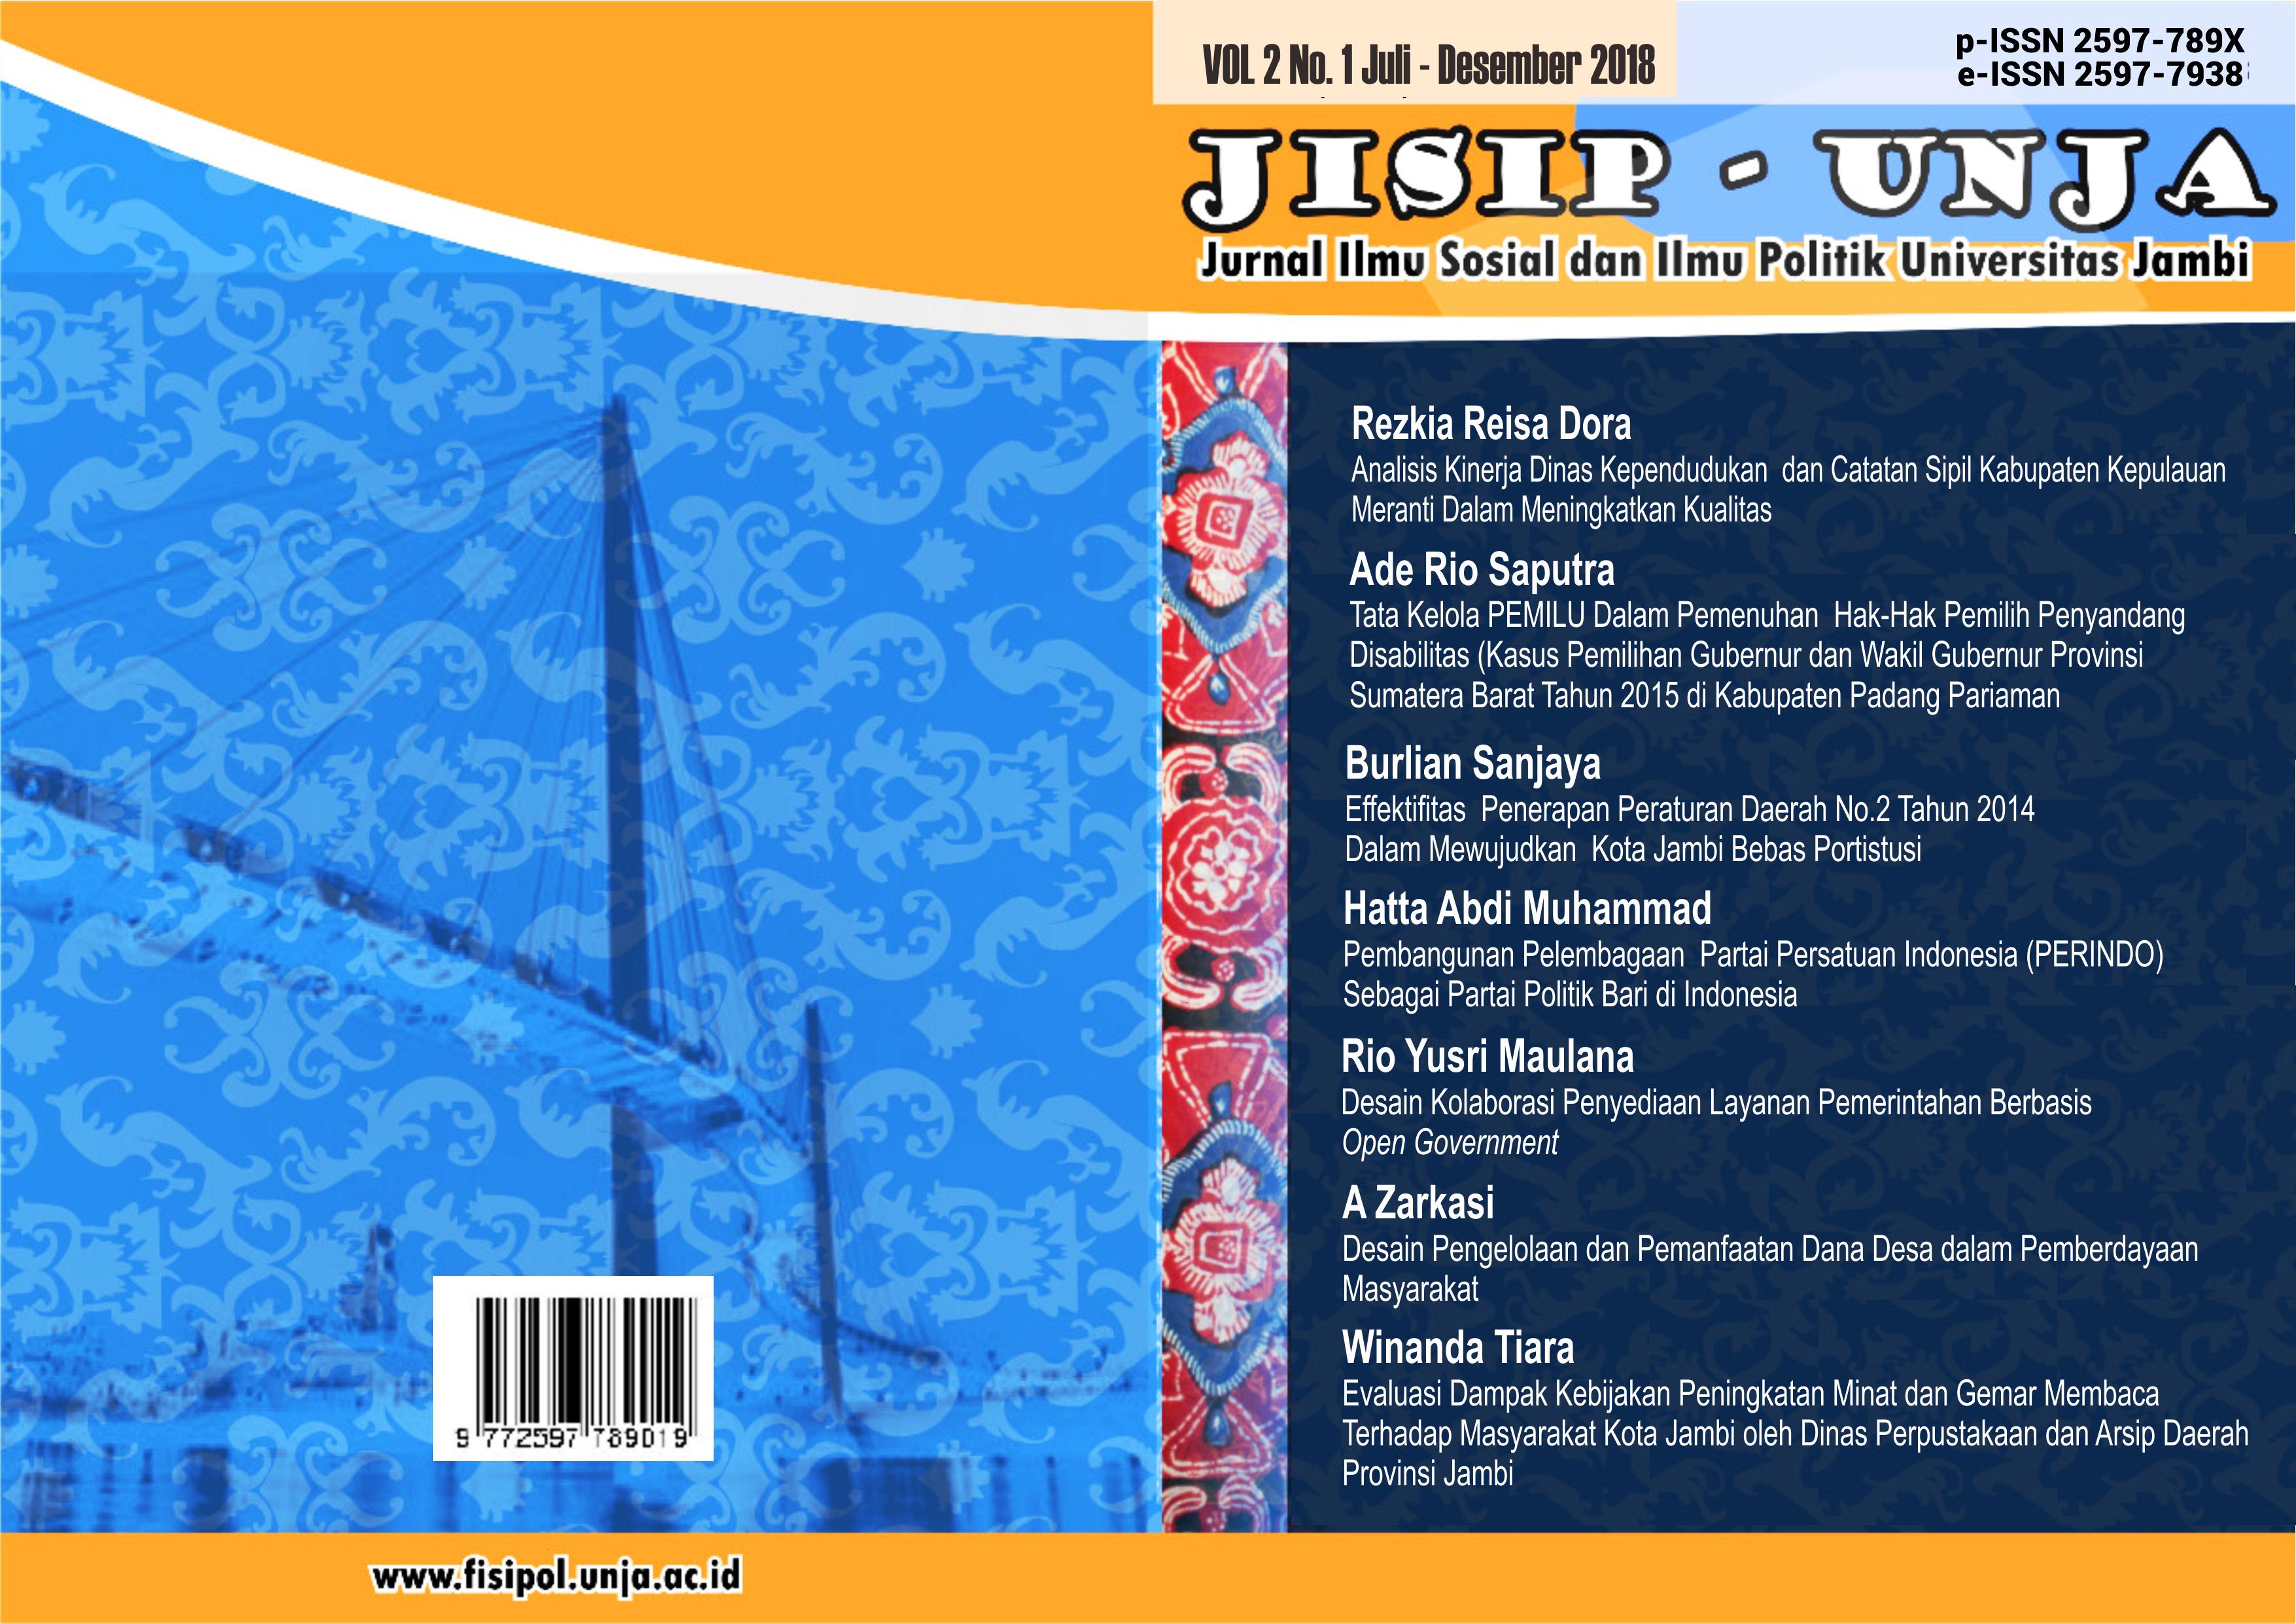 Analisis Kinerja Dinas Kependudukan Dan Catatan Sipil Kabupaten Kepulauan Meranti Dalam Meningkatkanan Kualitas Pelayanan Publik Jisip Unja Jurnal Ilmu Sosial Dan Ilmu Politik Fisipol Universitas Jambi